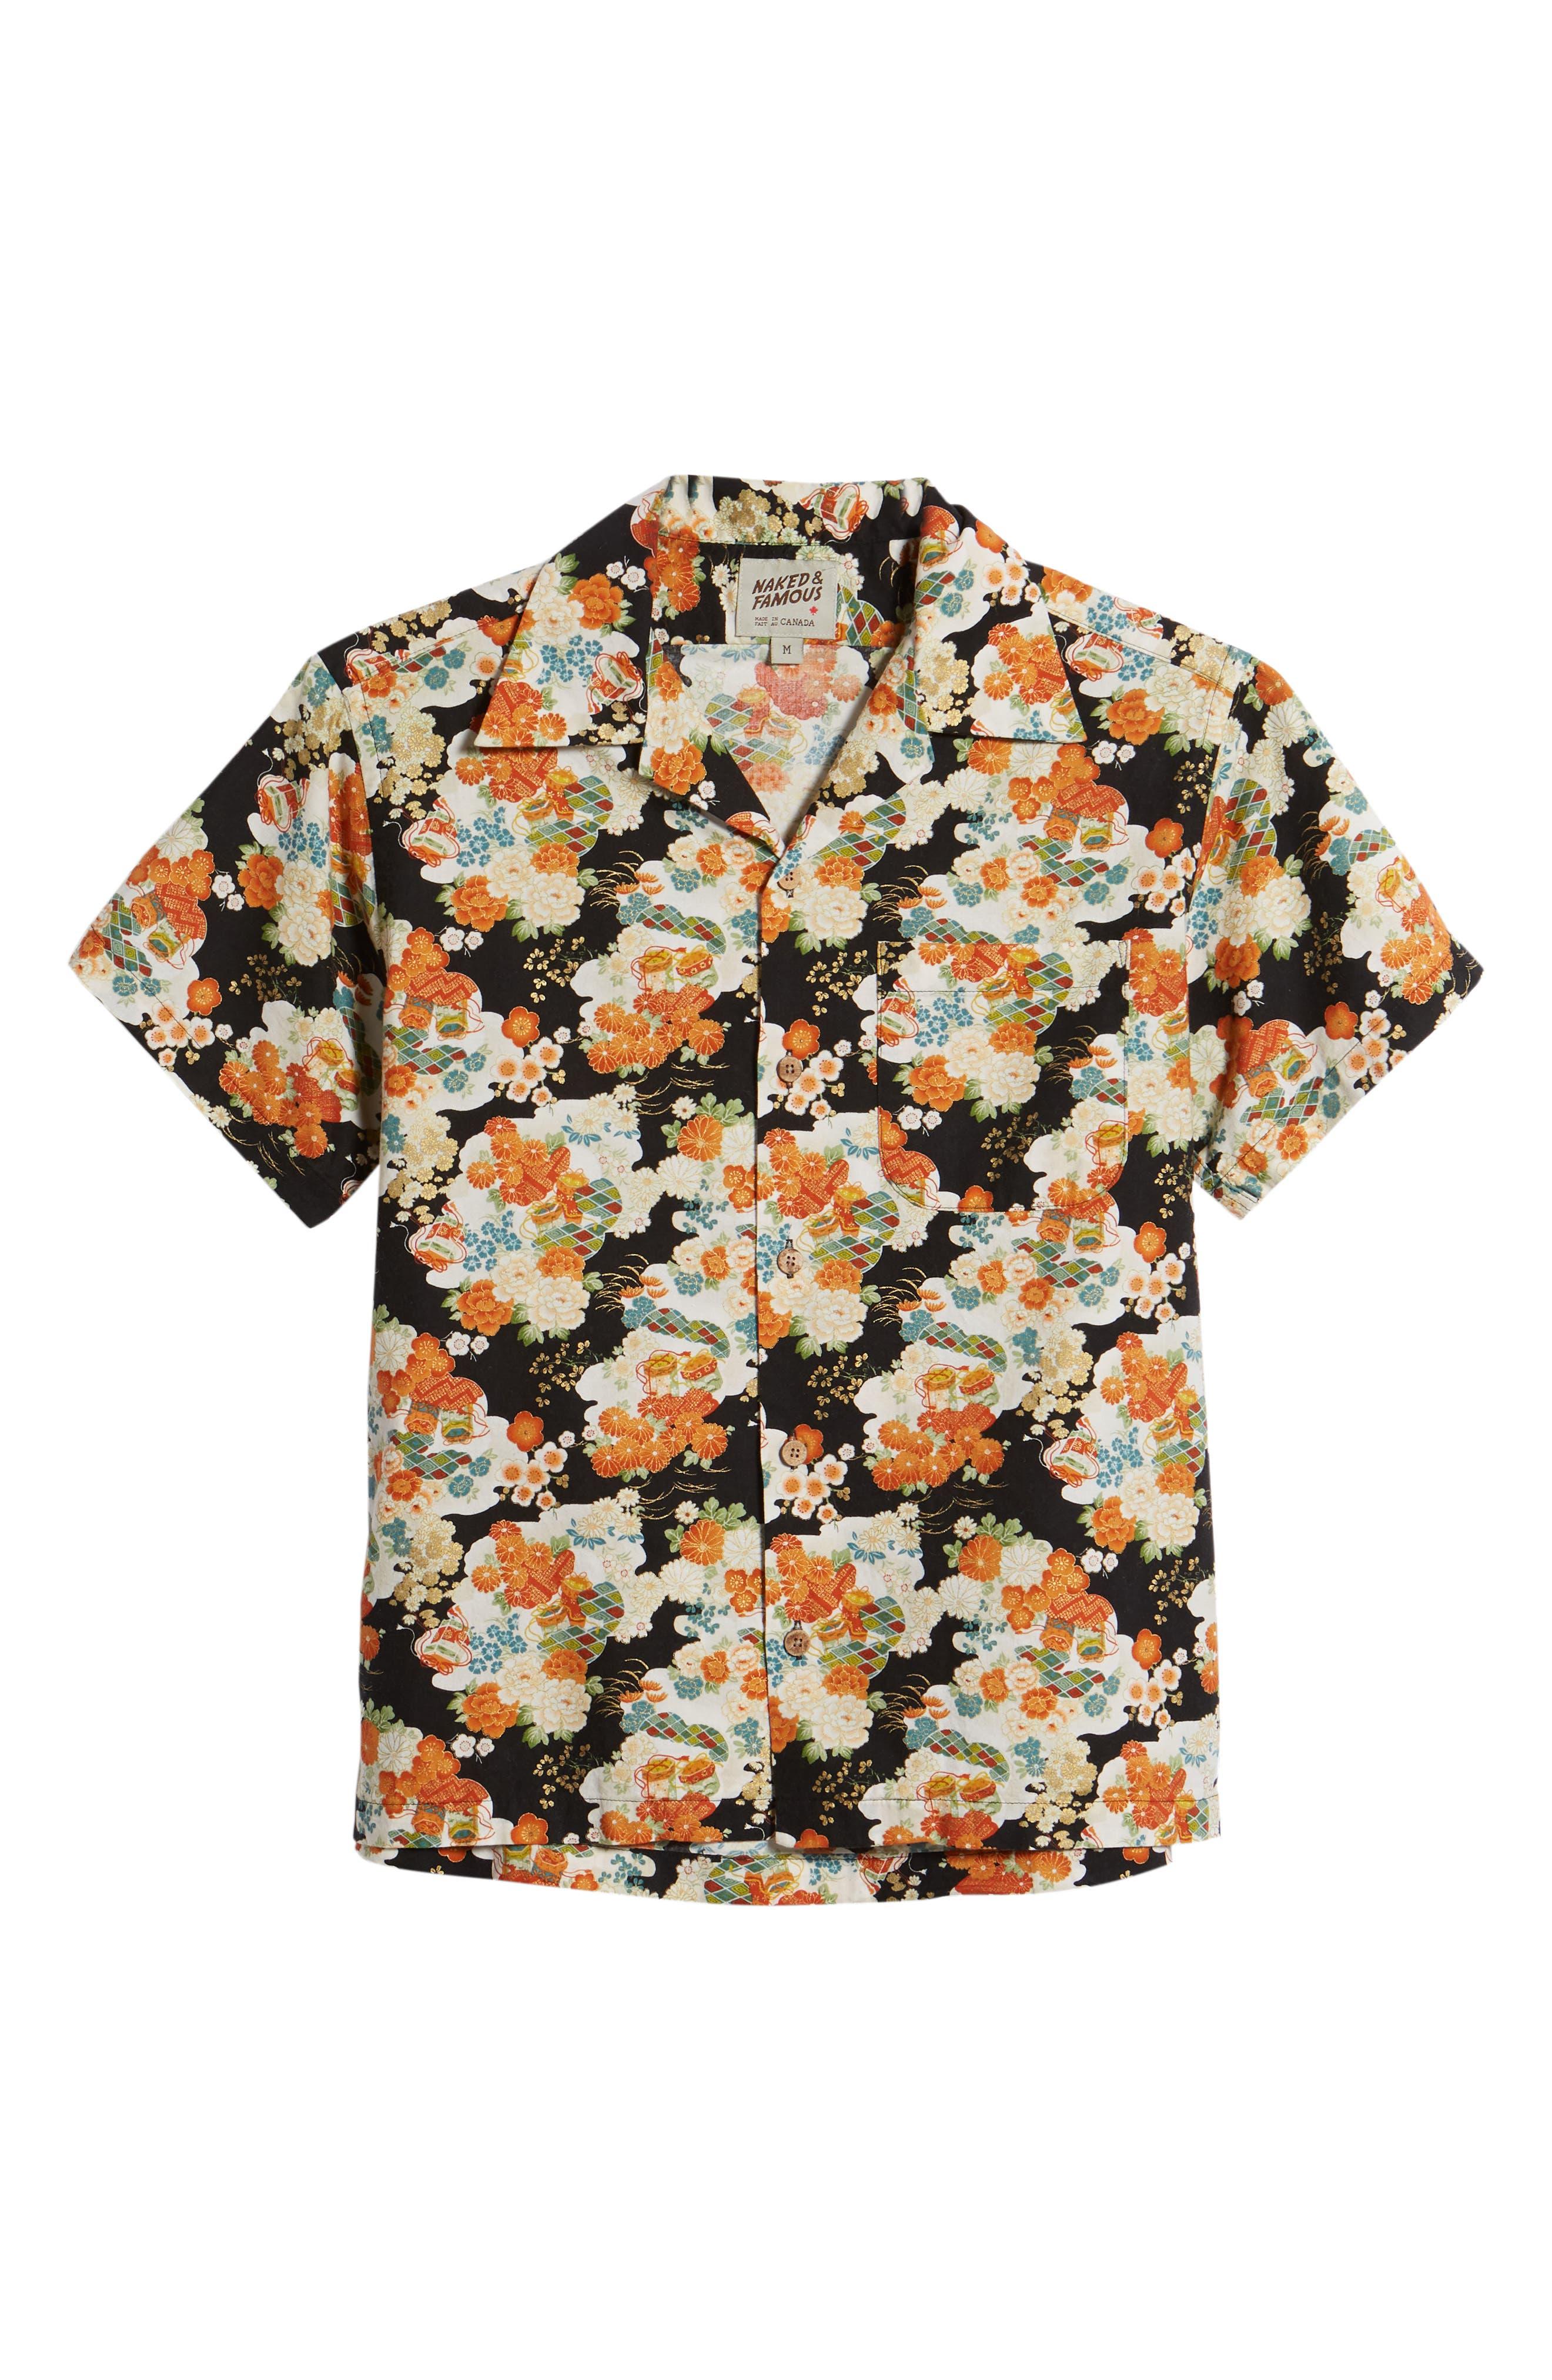 Japanese Aloha Festival Woven Shirt,                             Alternate thumbnail 6, color,                             001